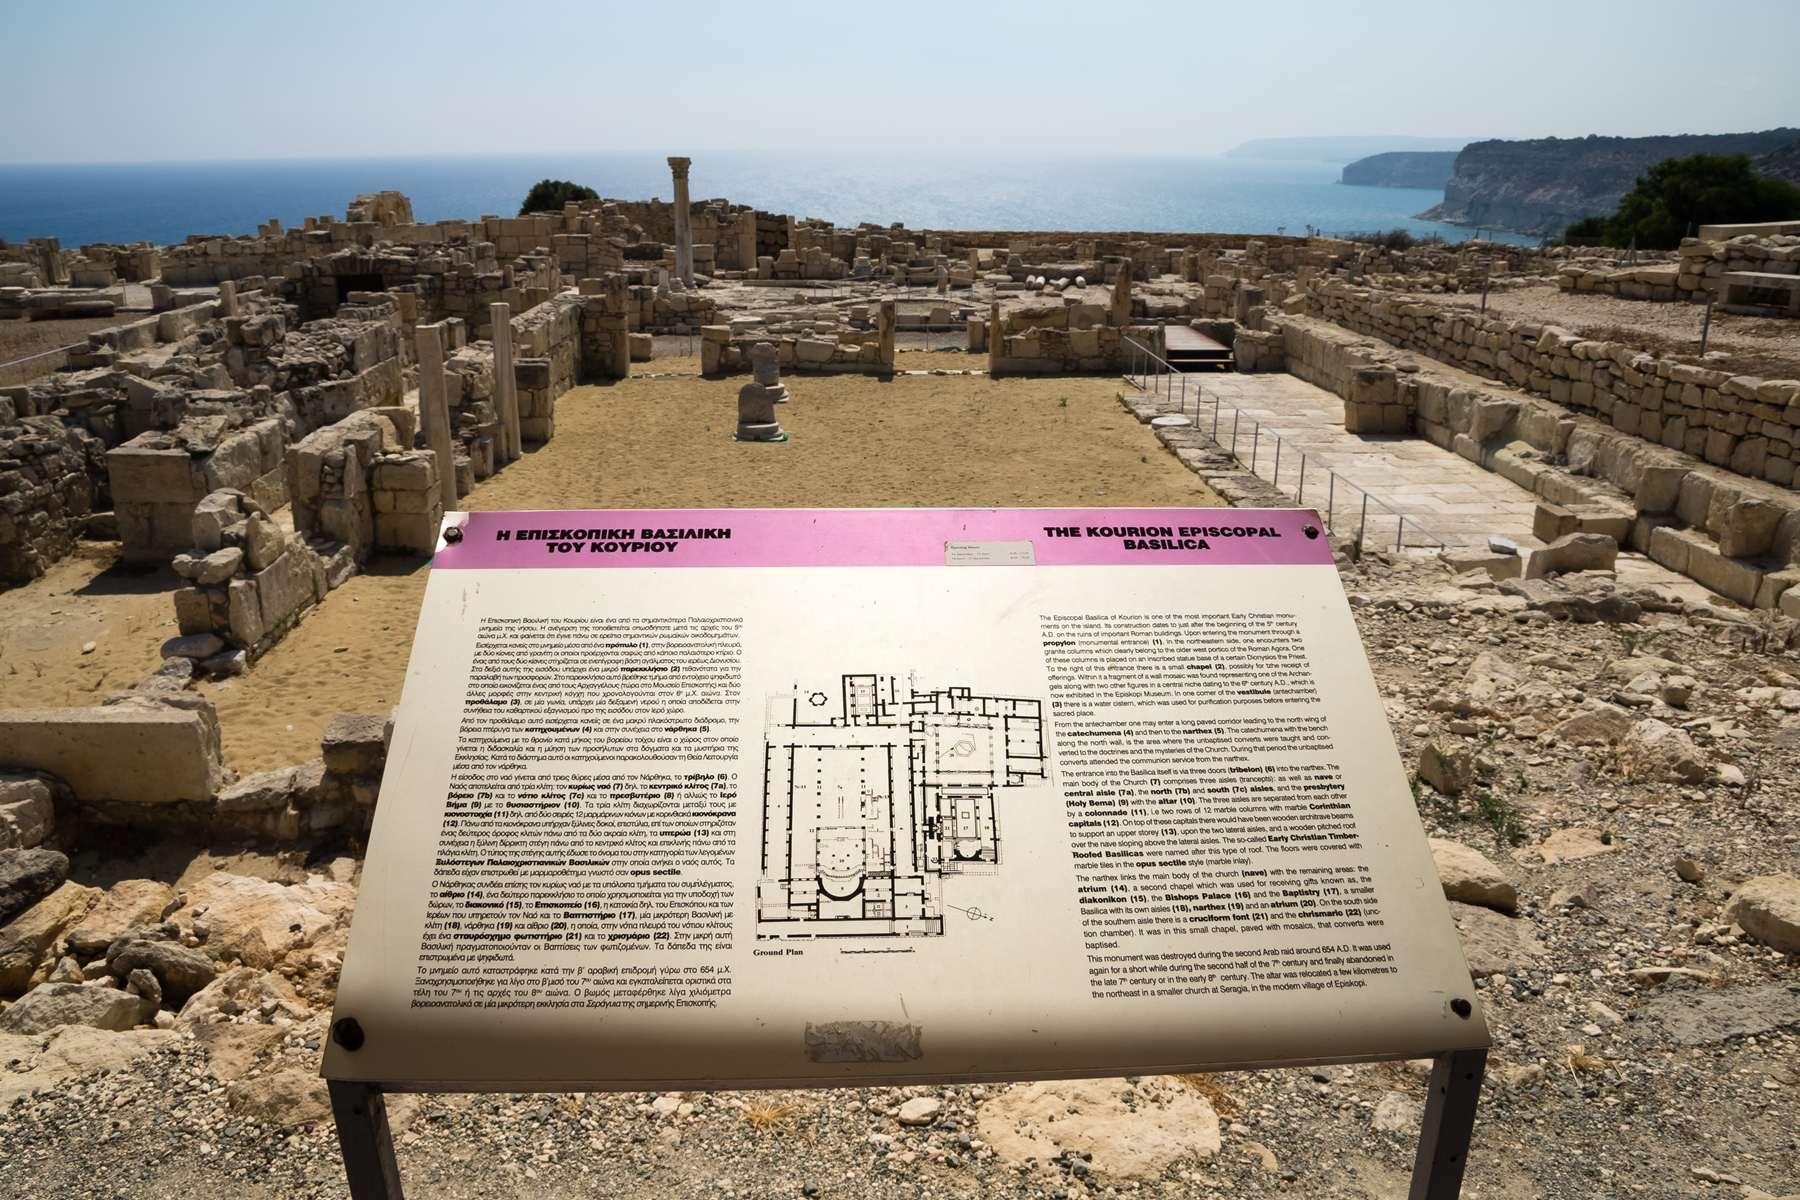 Руины епископской базилики и ее план